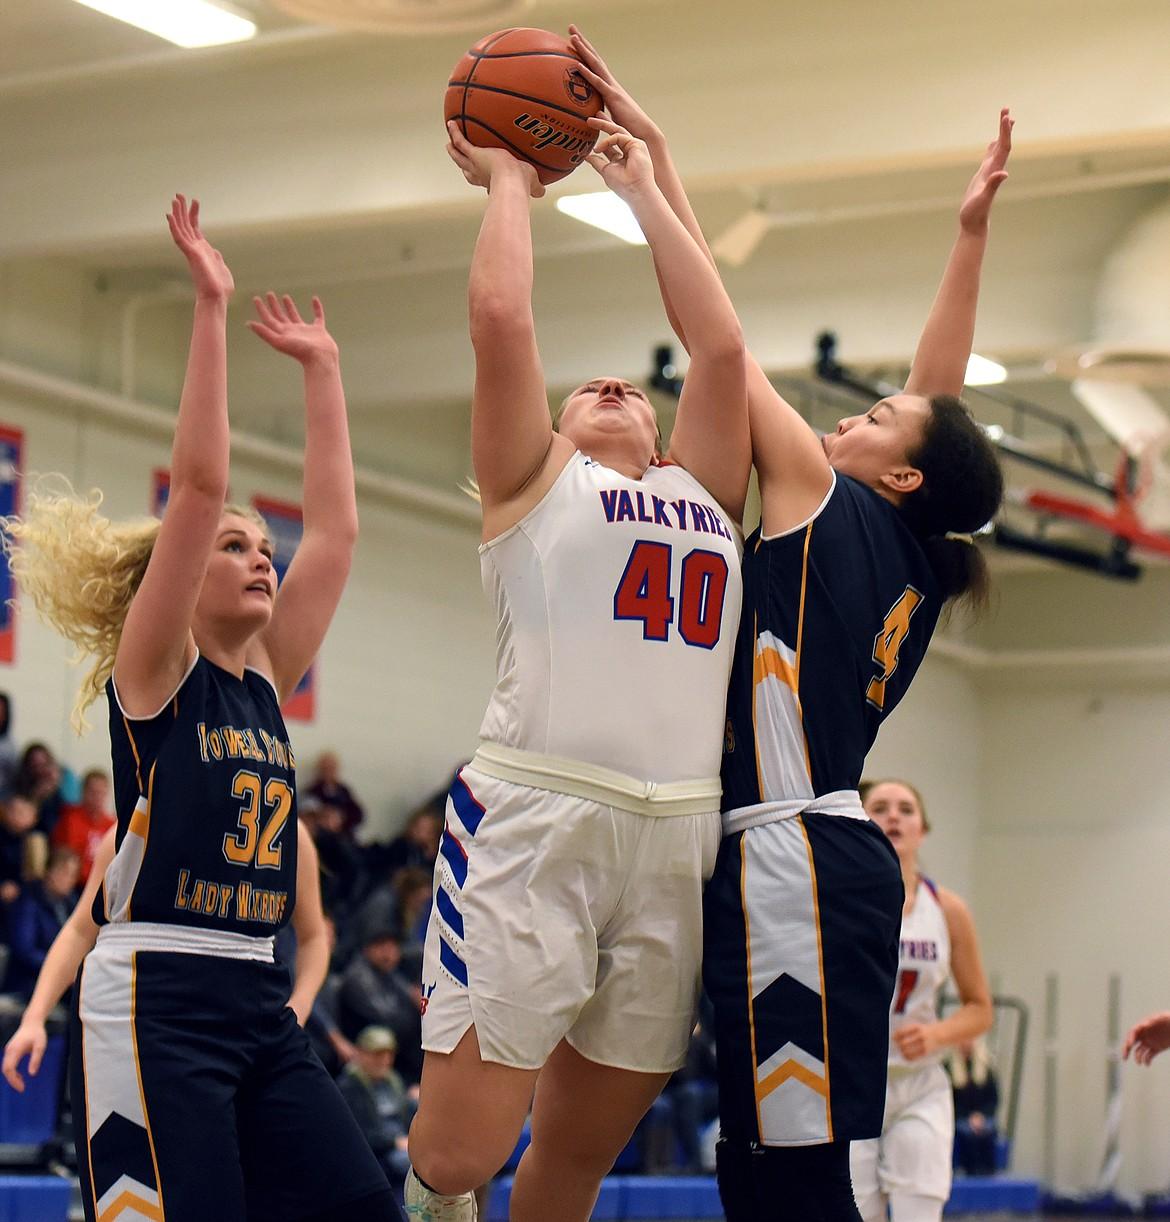 Ashton McAnally battles Deer Lodge's Nia McClanahan for a rebound. (JEREMY WEBER/Bigfork Eagle)